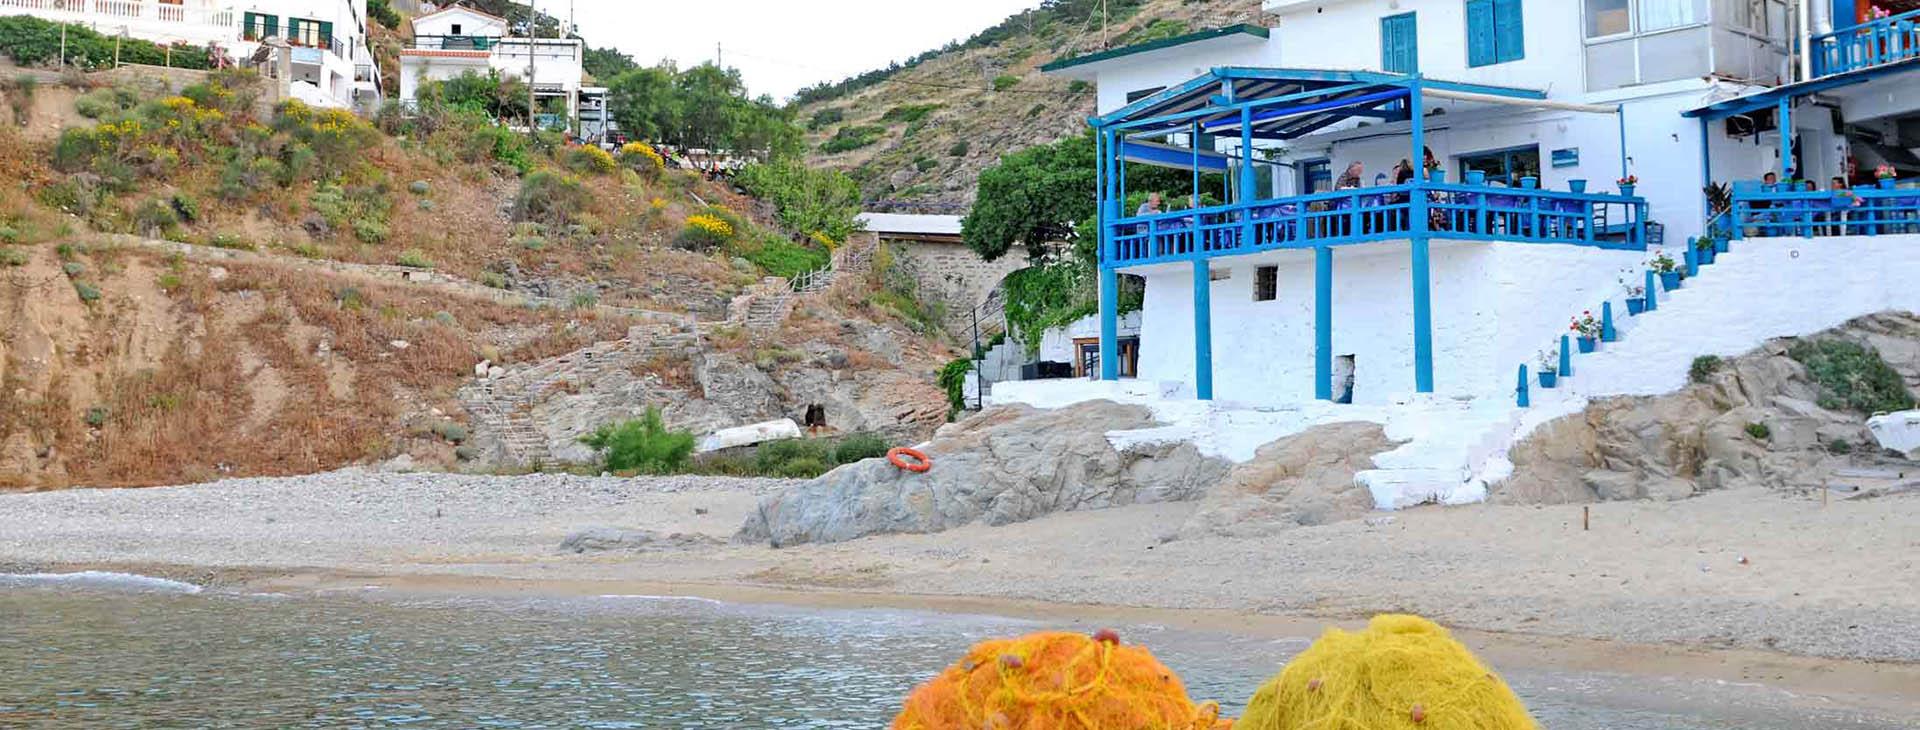 Armenistis village, Ikaria island